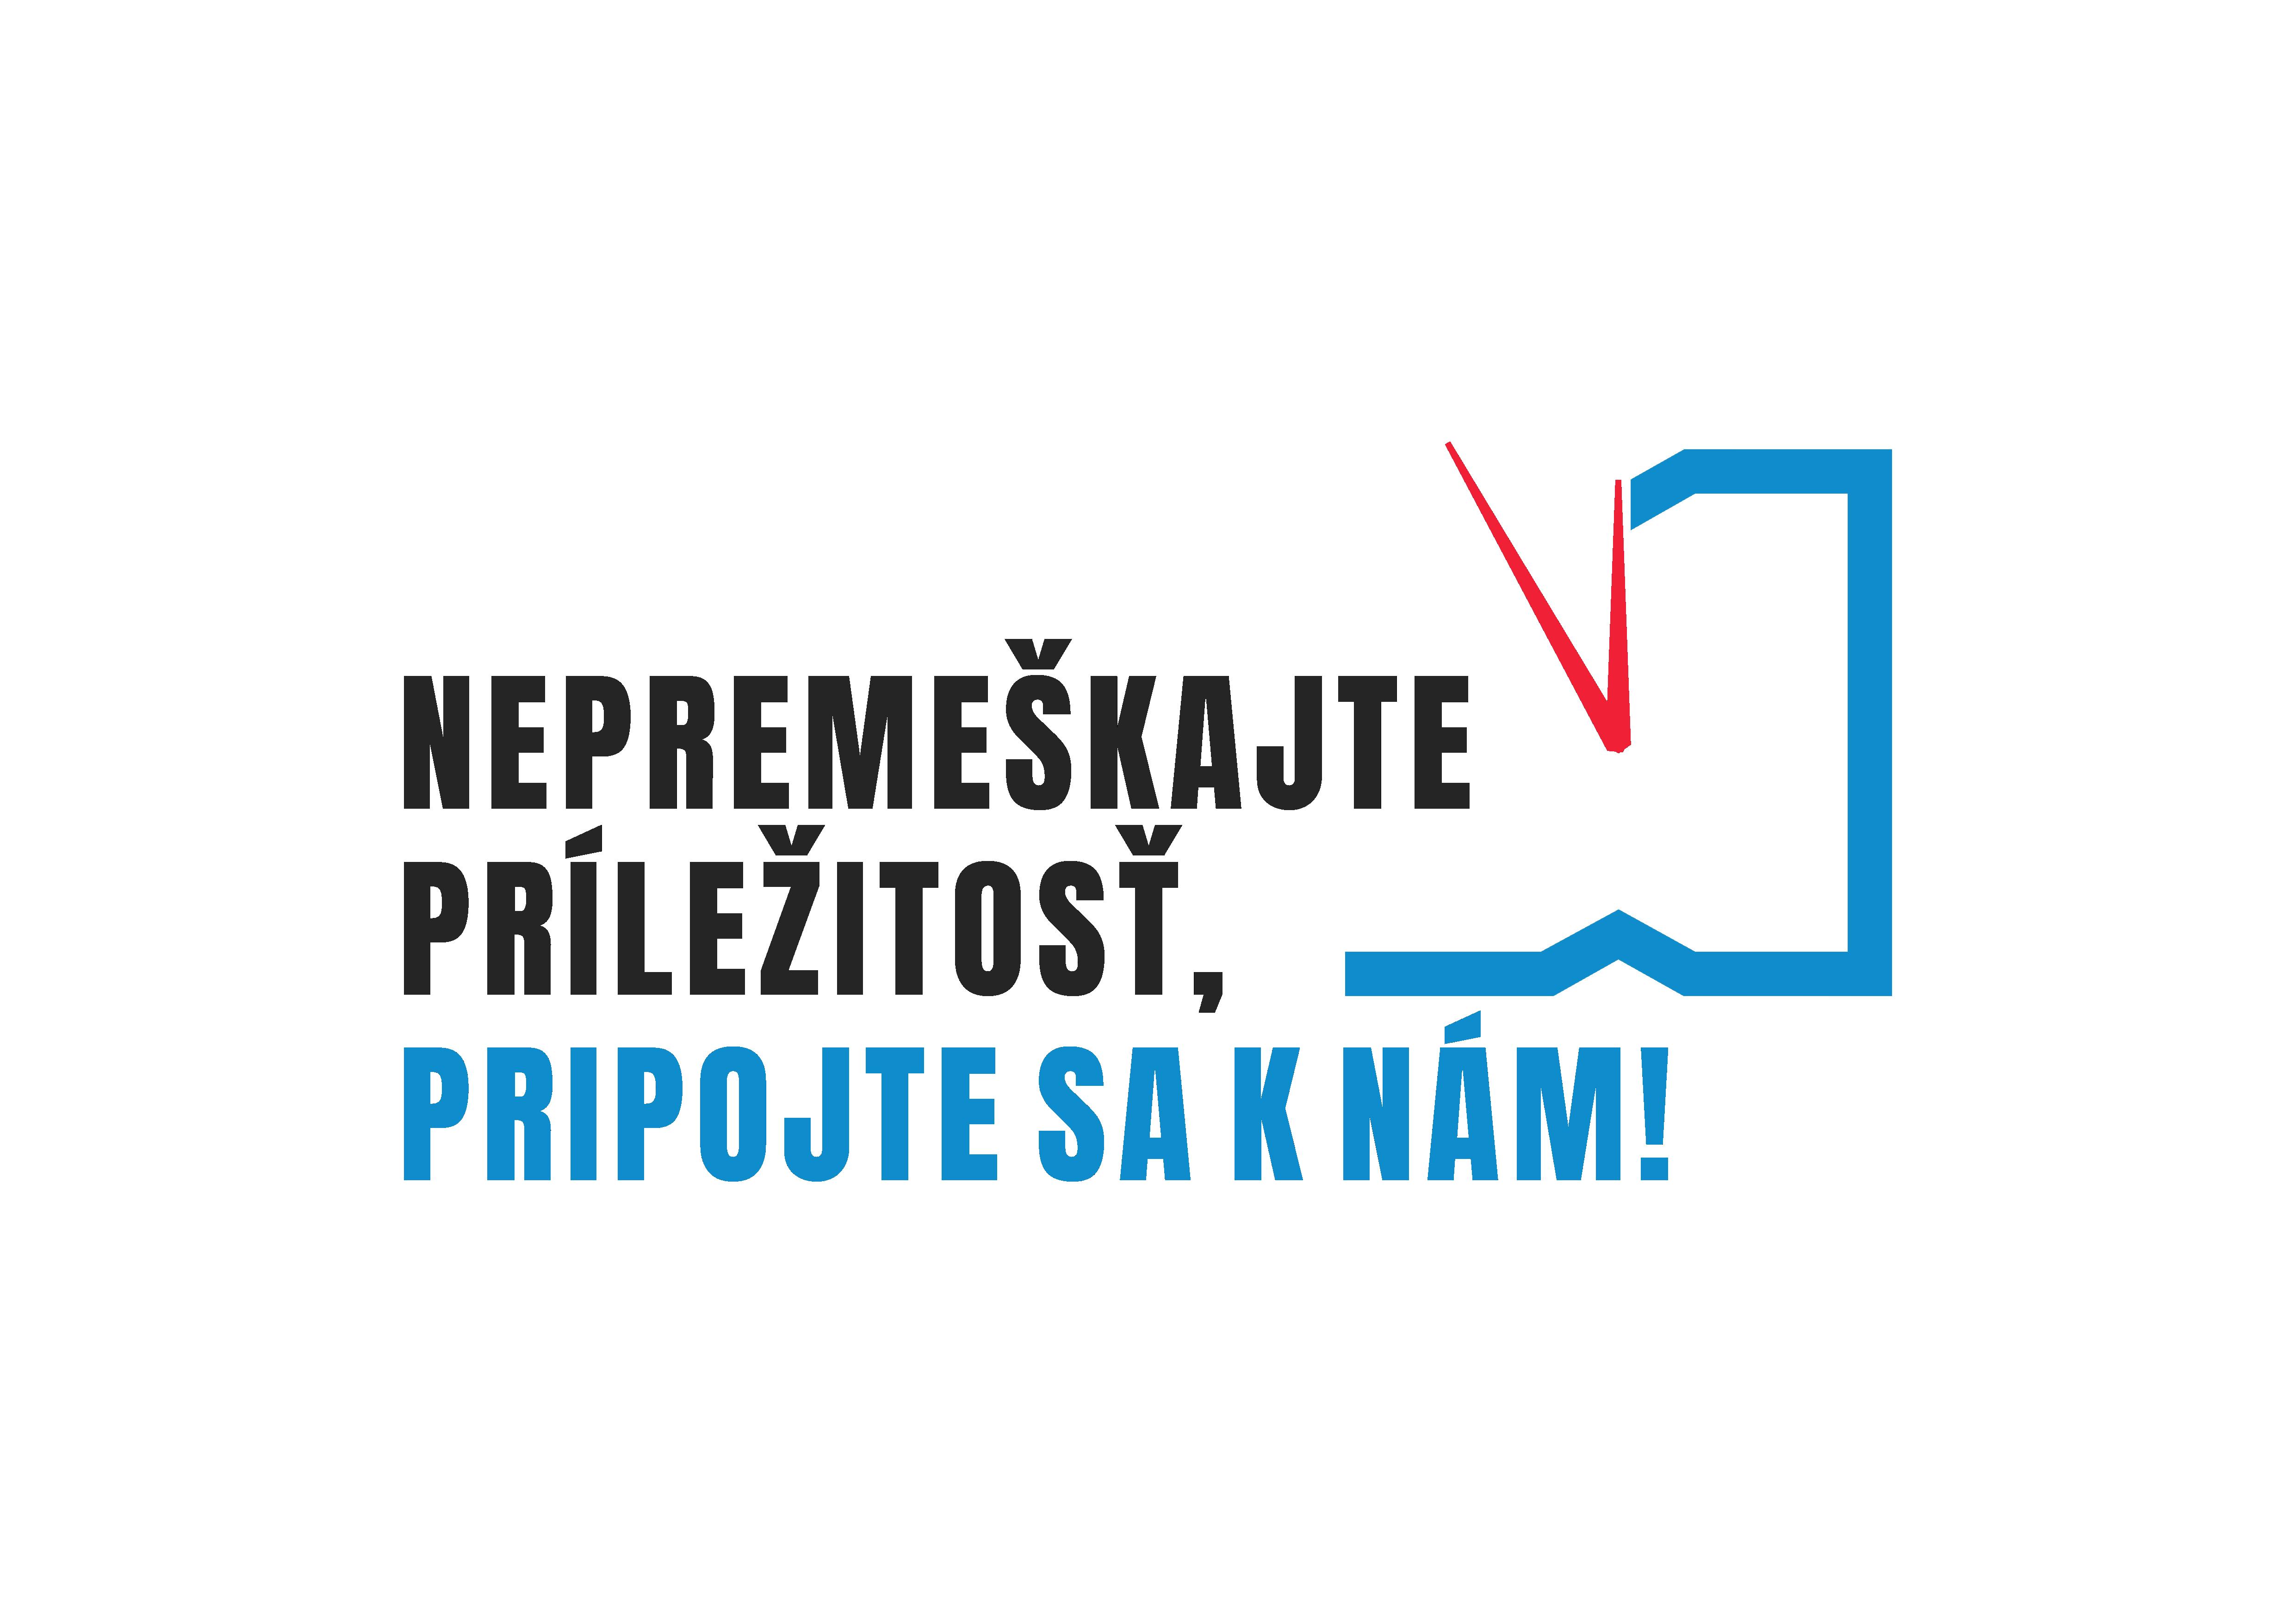 LPRE _NEPREMESKAJTE_ 2017-A1_R